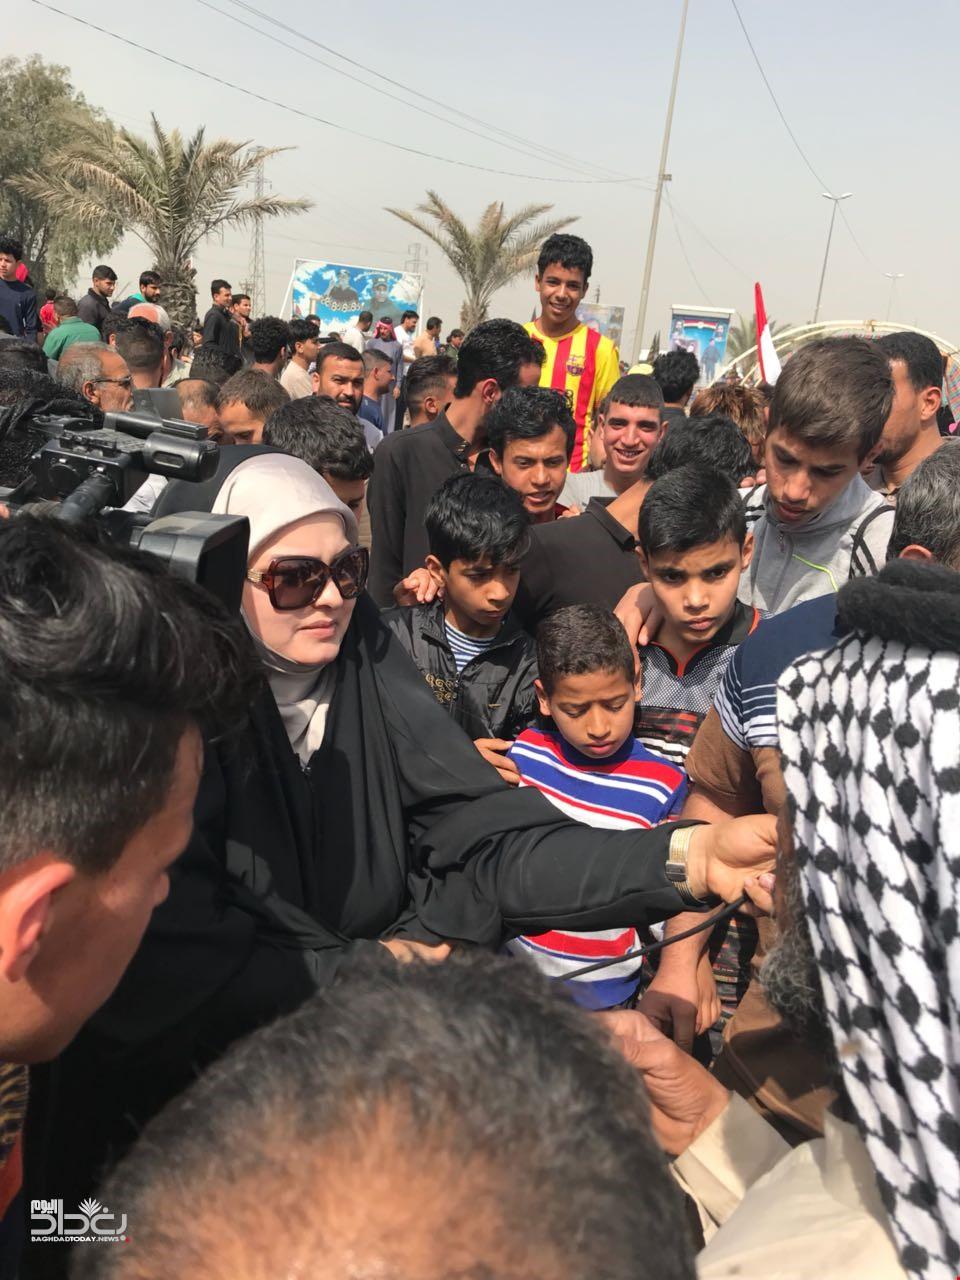 العشرات من اهالي منطقة بوب الشام شمال بغداد يتظاهرون احتجاجا على سوء الخدمات